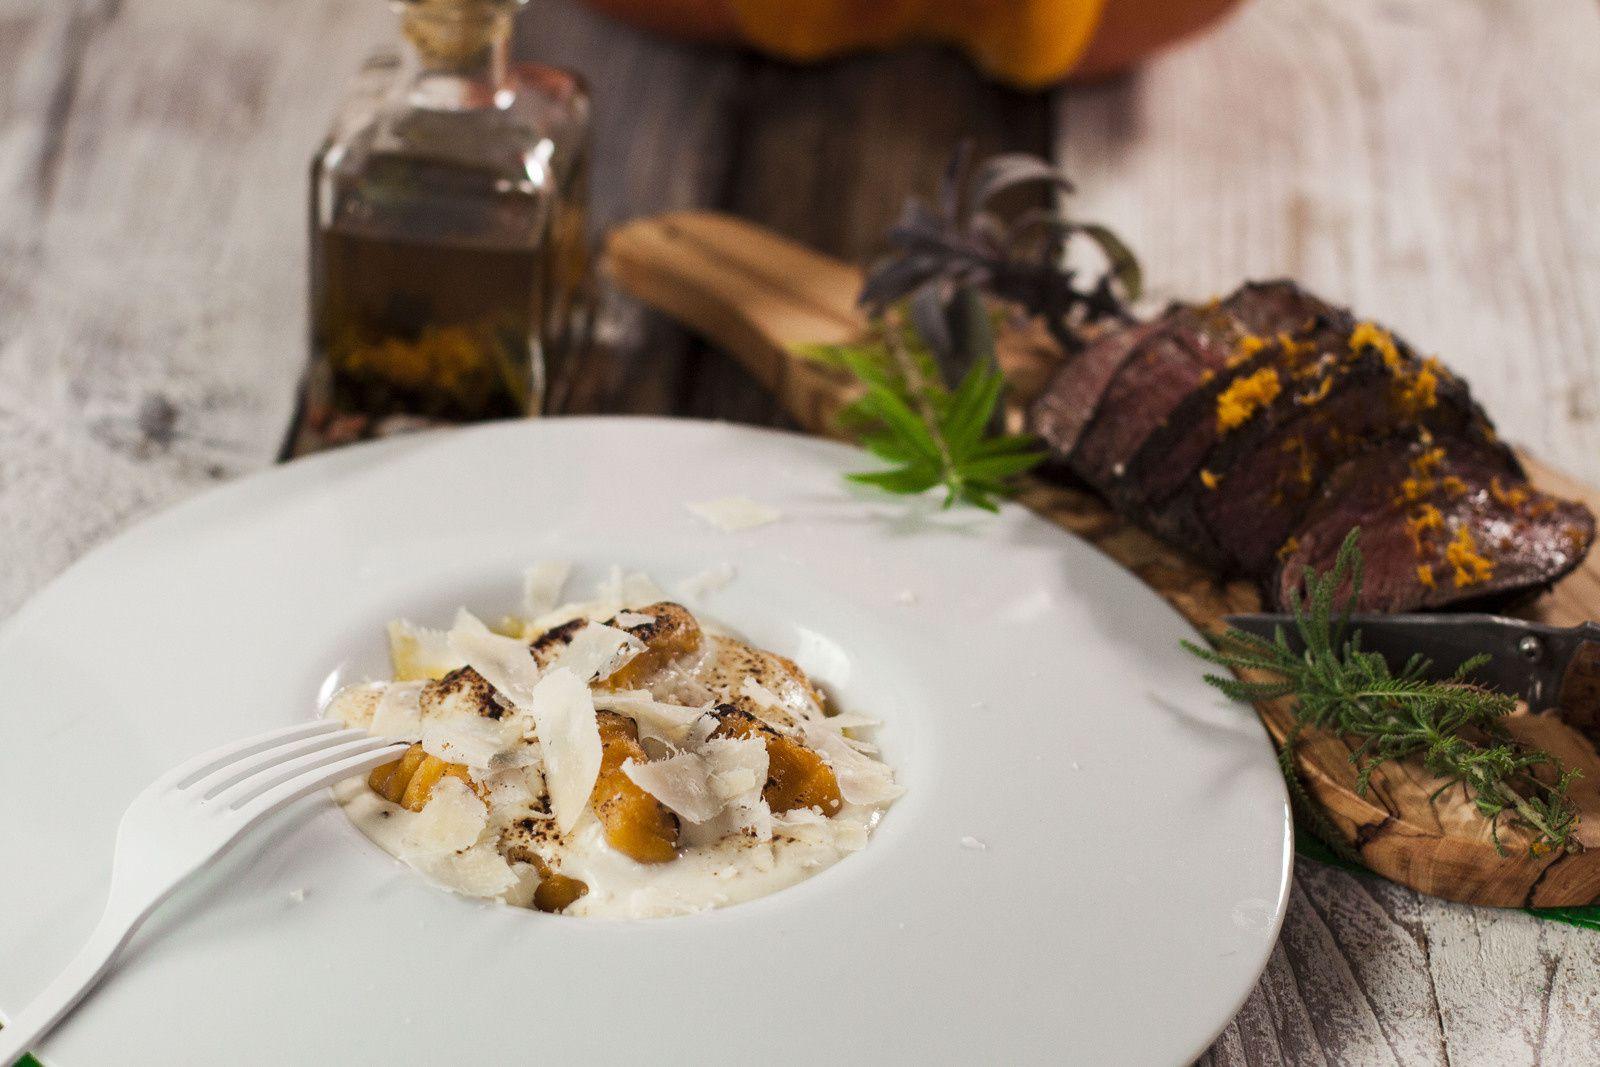 Tagliata de boeuf irlandais en basse température - gratin de gnocchi de potiron